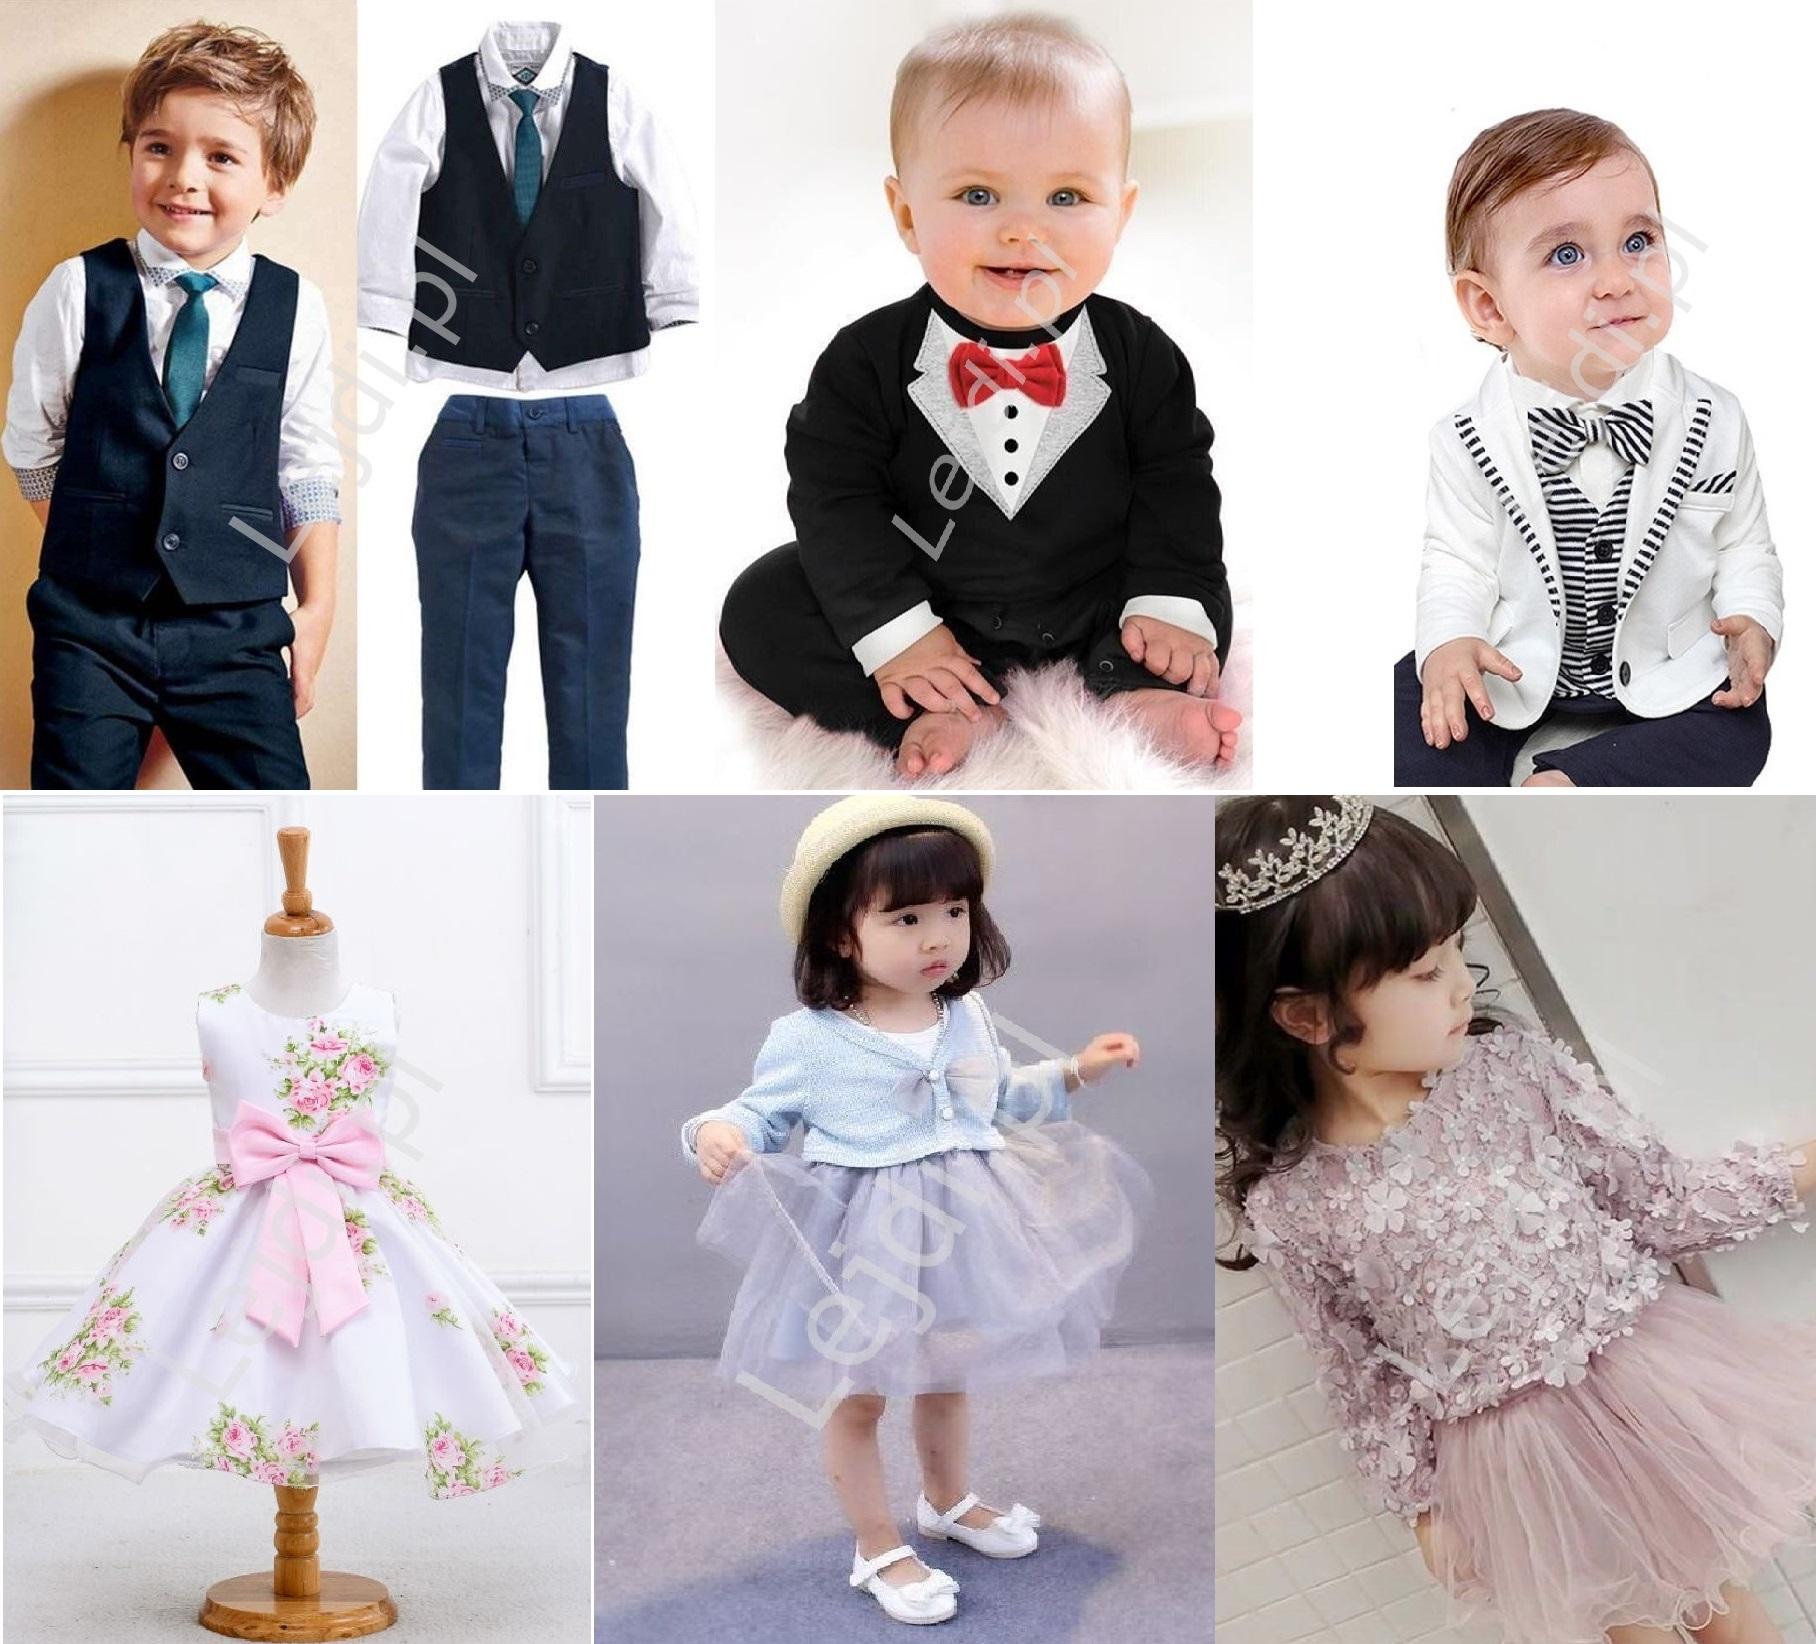 ubrania na komunie dla dziewczynki i chłopca